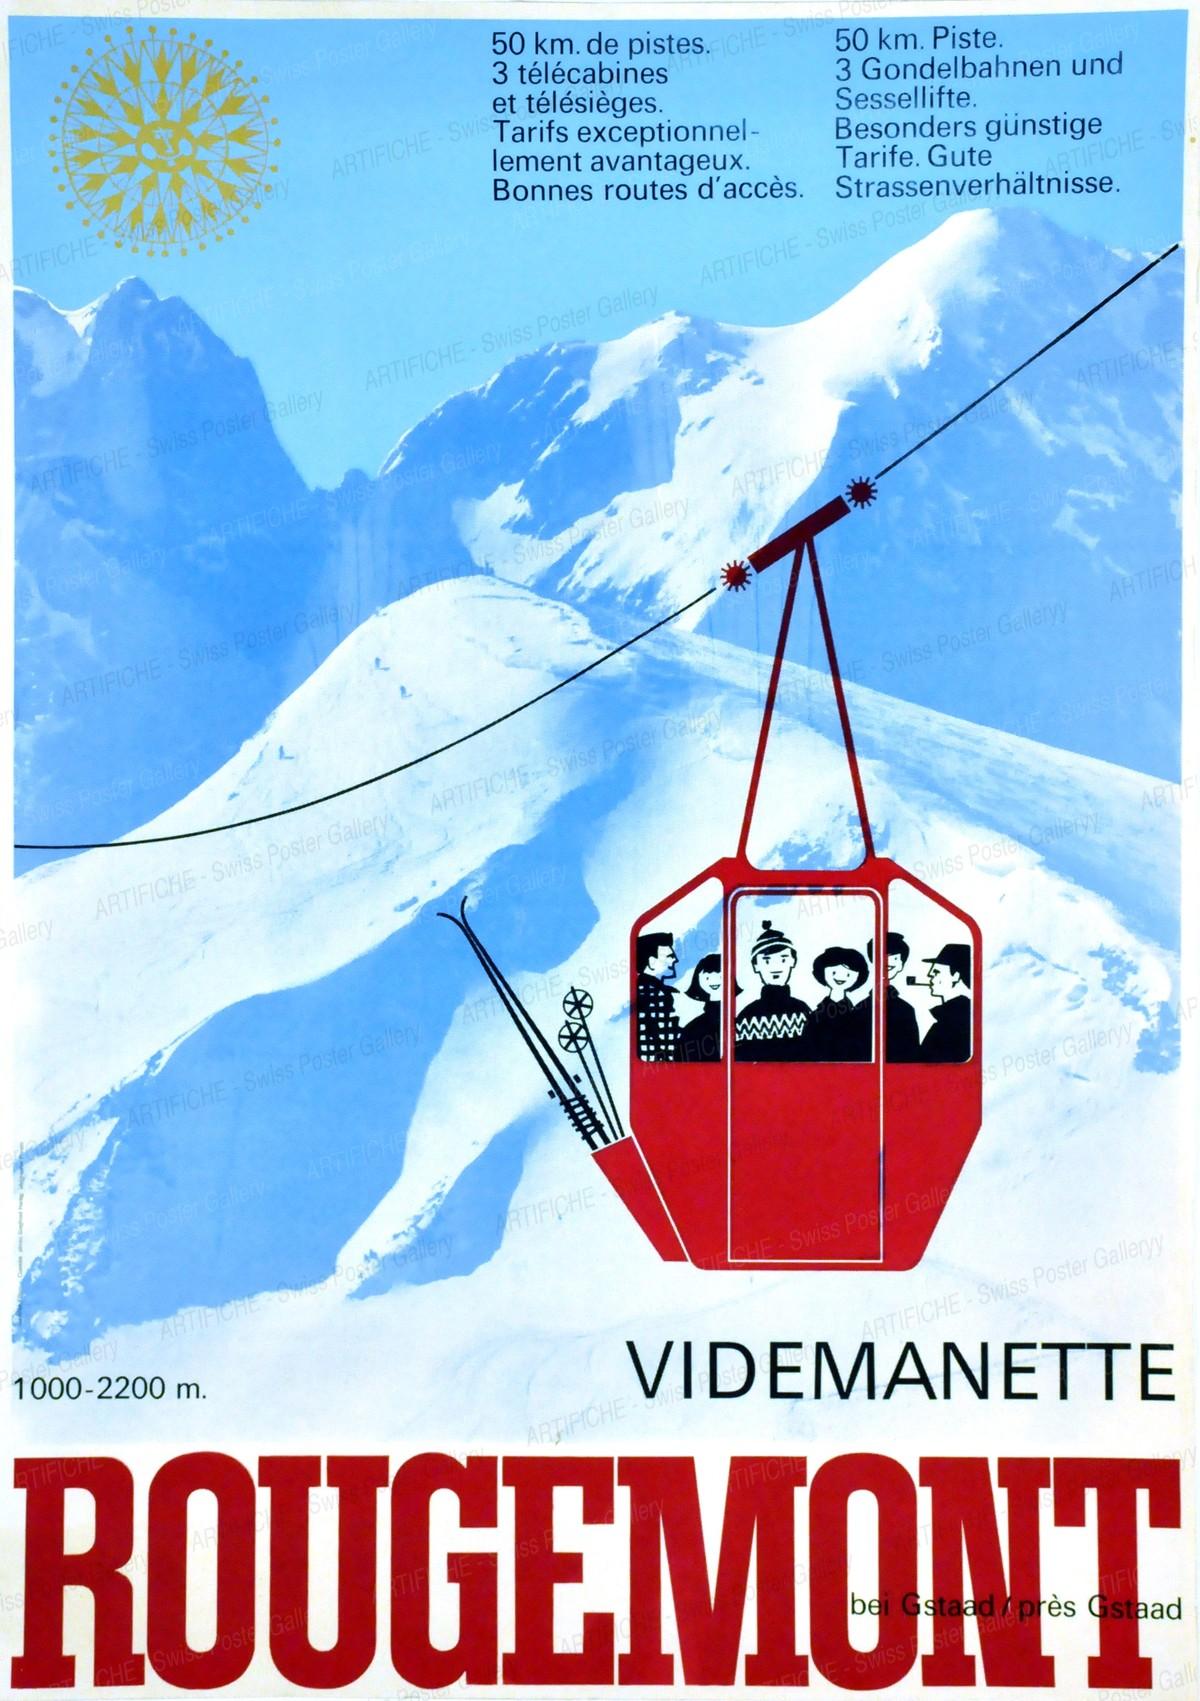 Videmanette ROUGEMONT bei Gstaad – près Gstaad, Bernard Cuendet